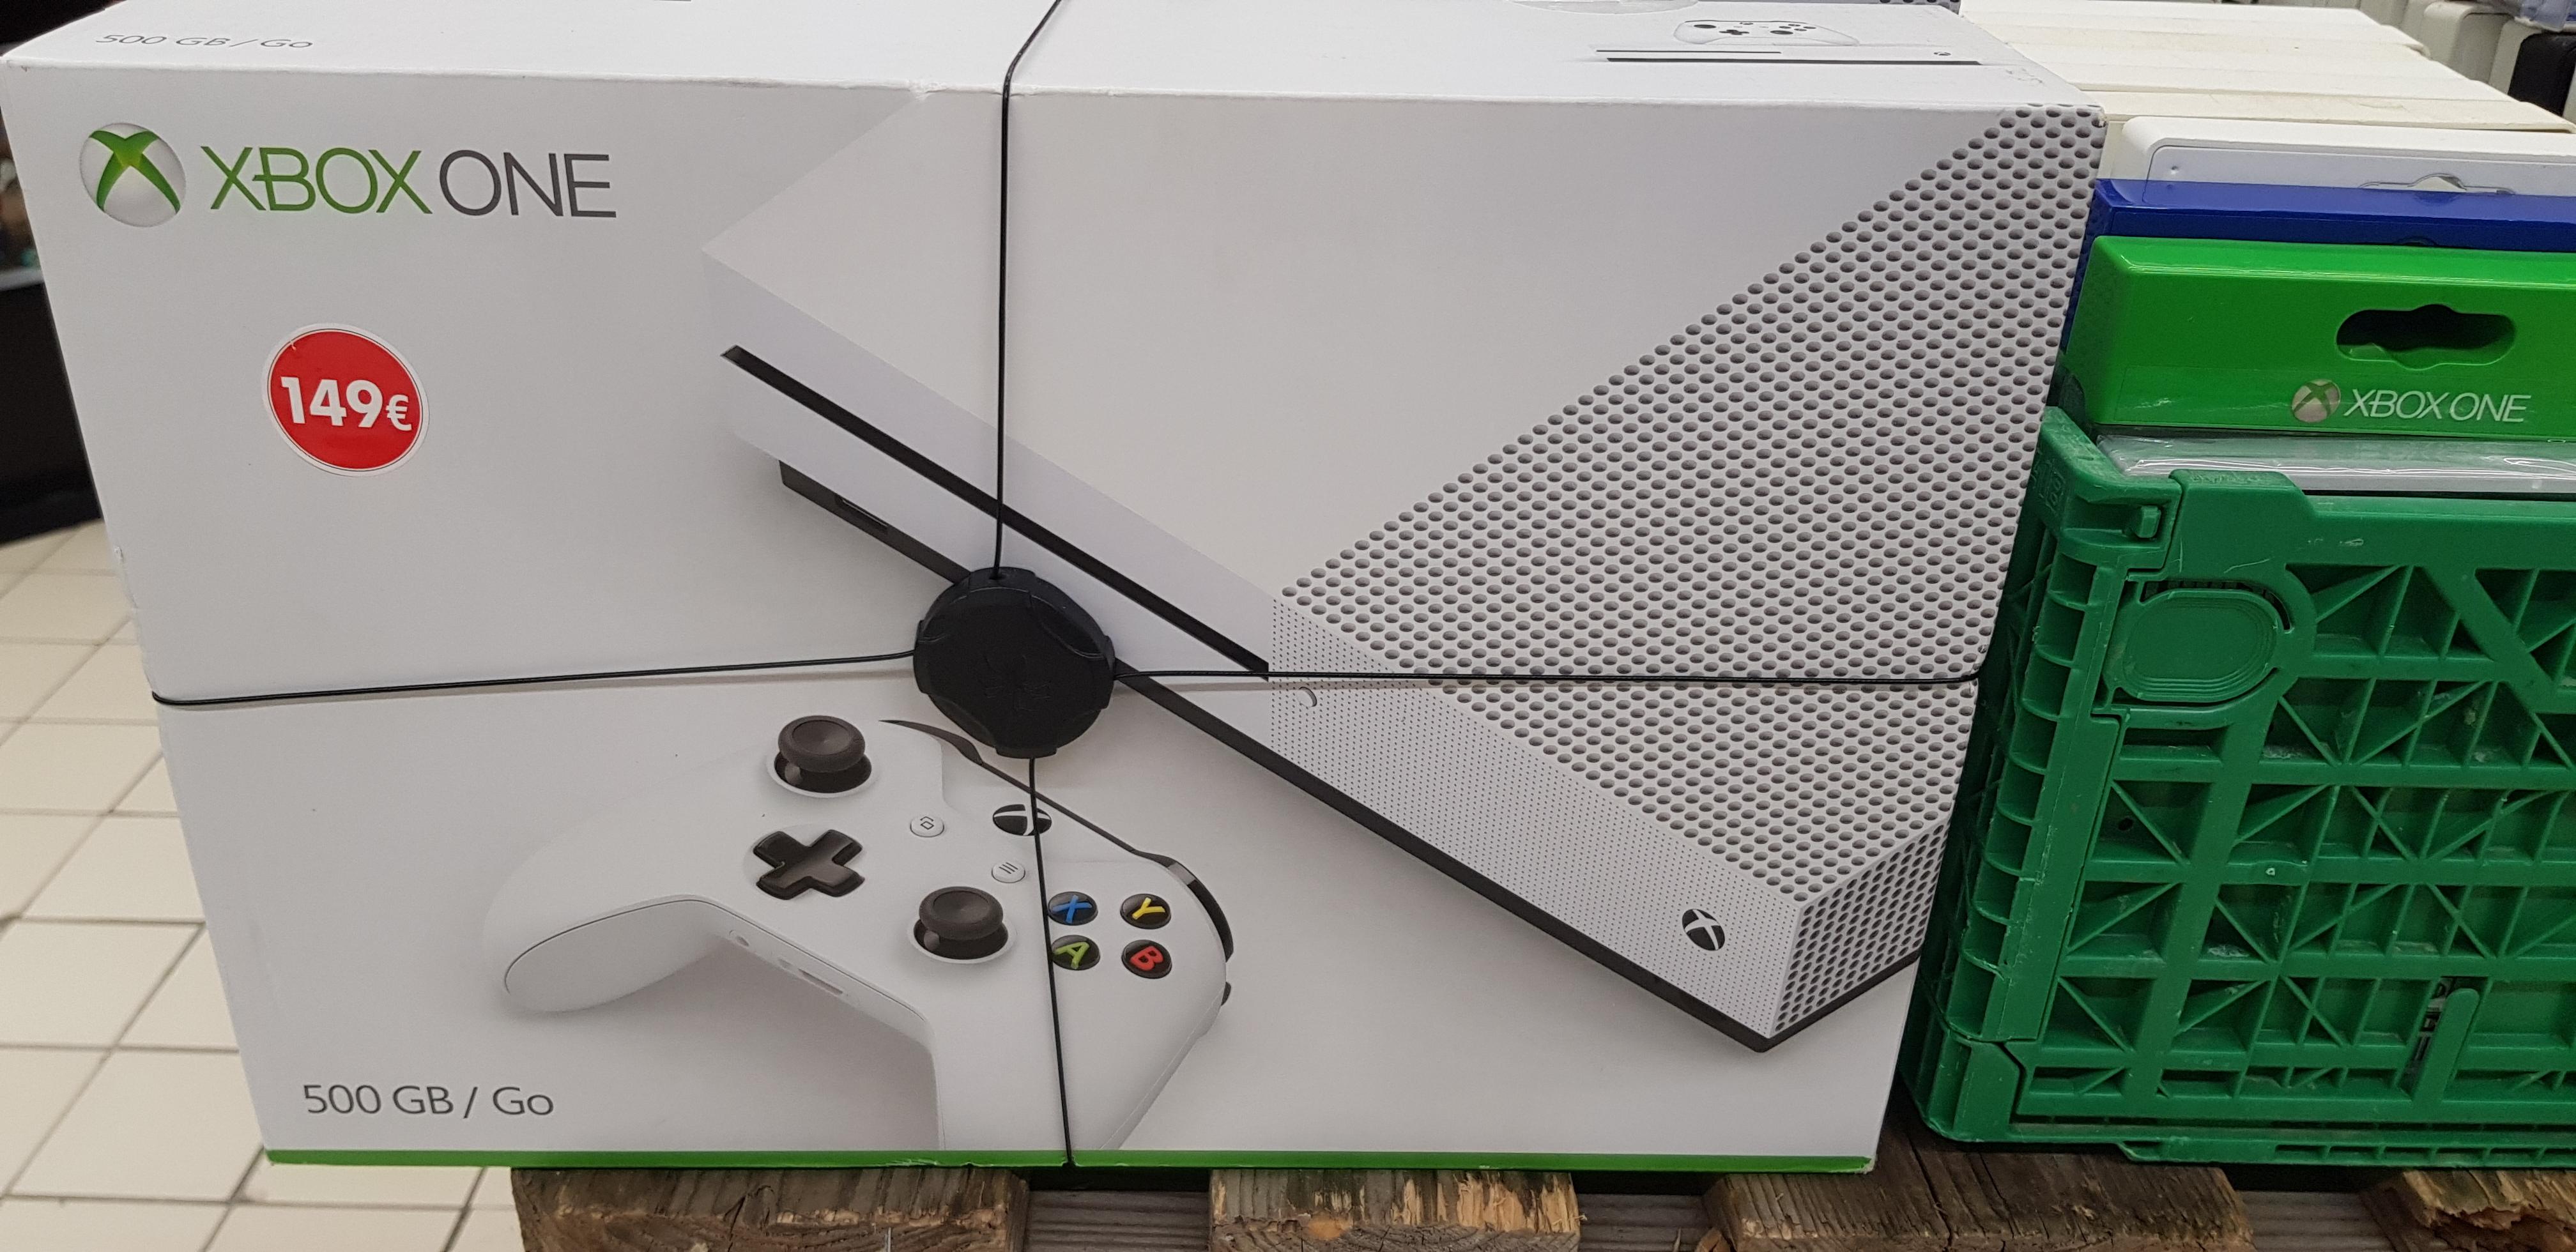 Console Microsoft Xbox One S - 500 Go - Aulnoy-Lez-Valenciennes et Denain (59)